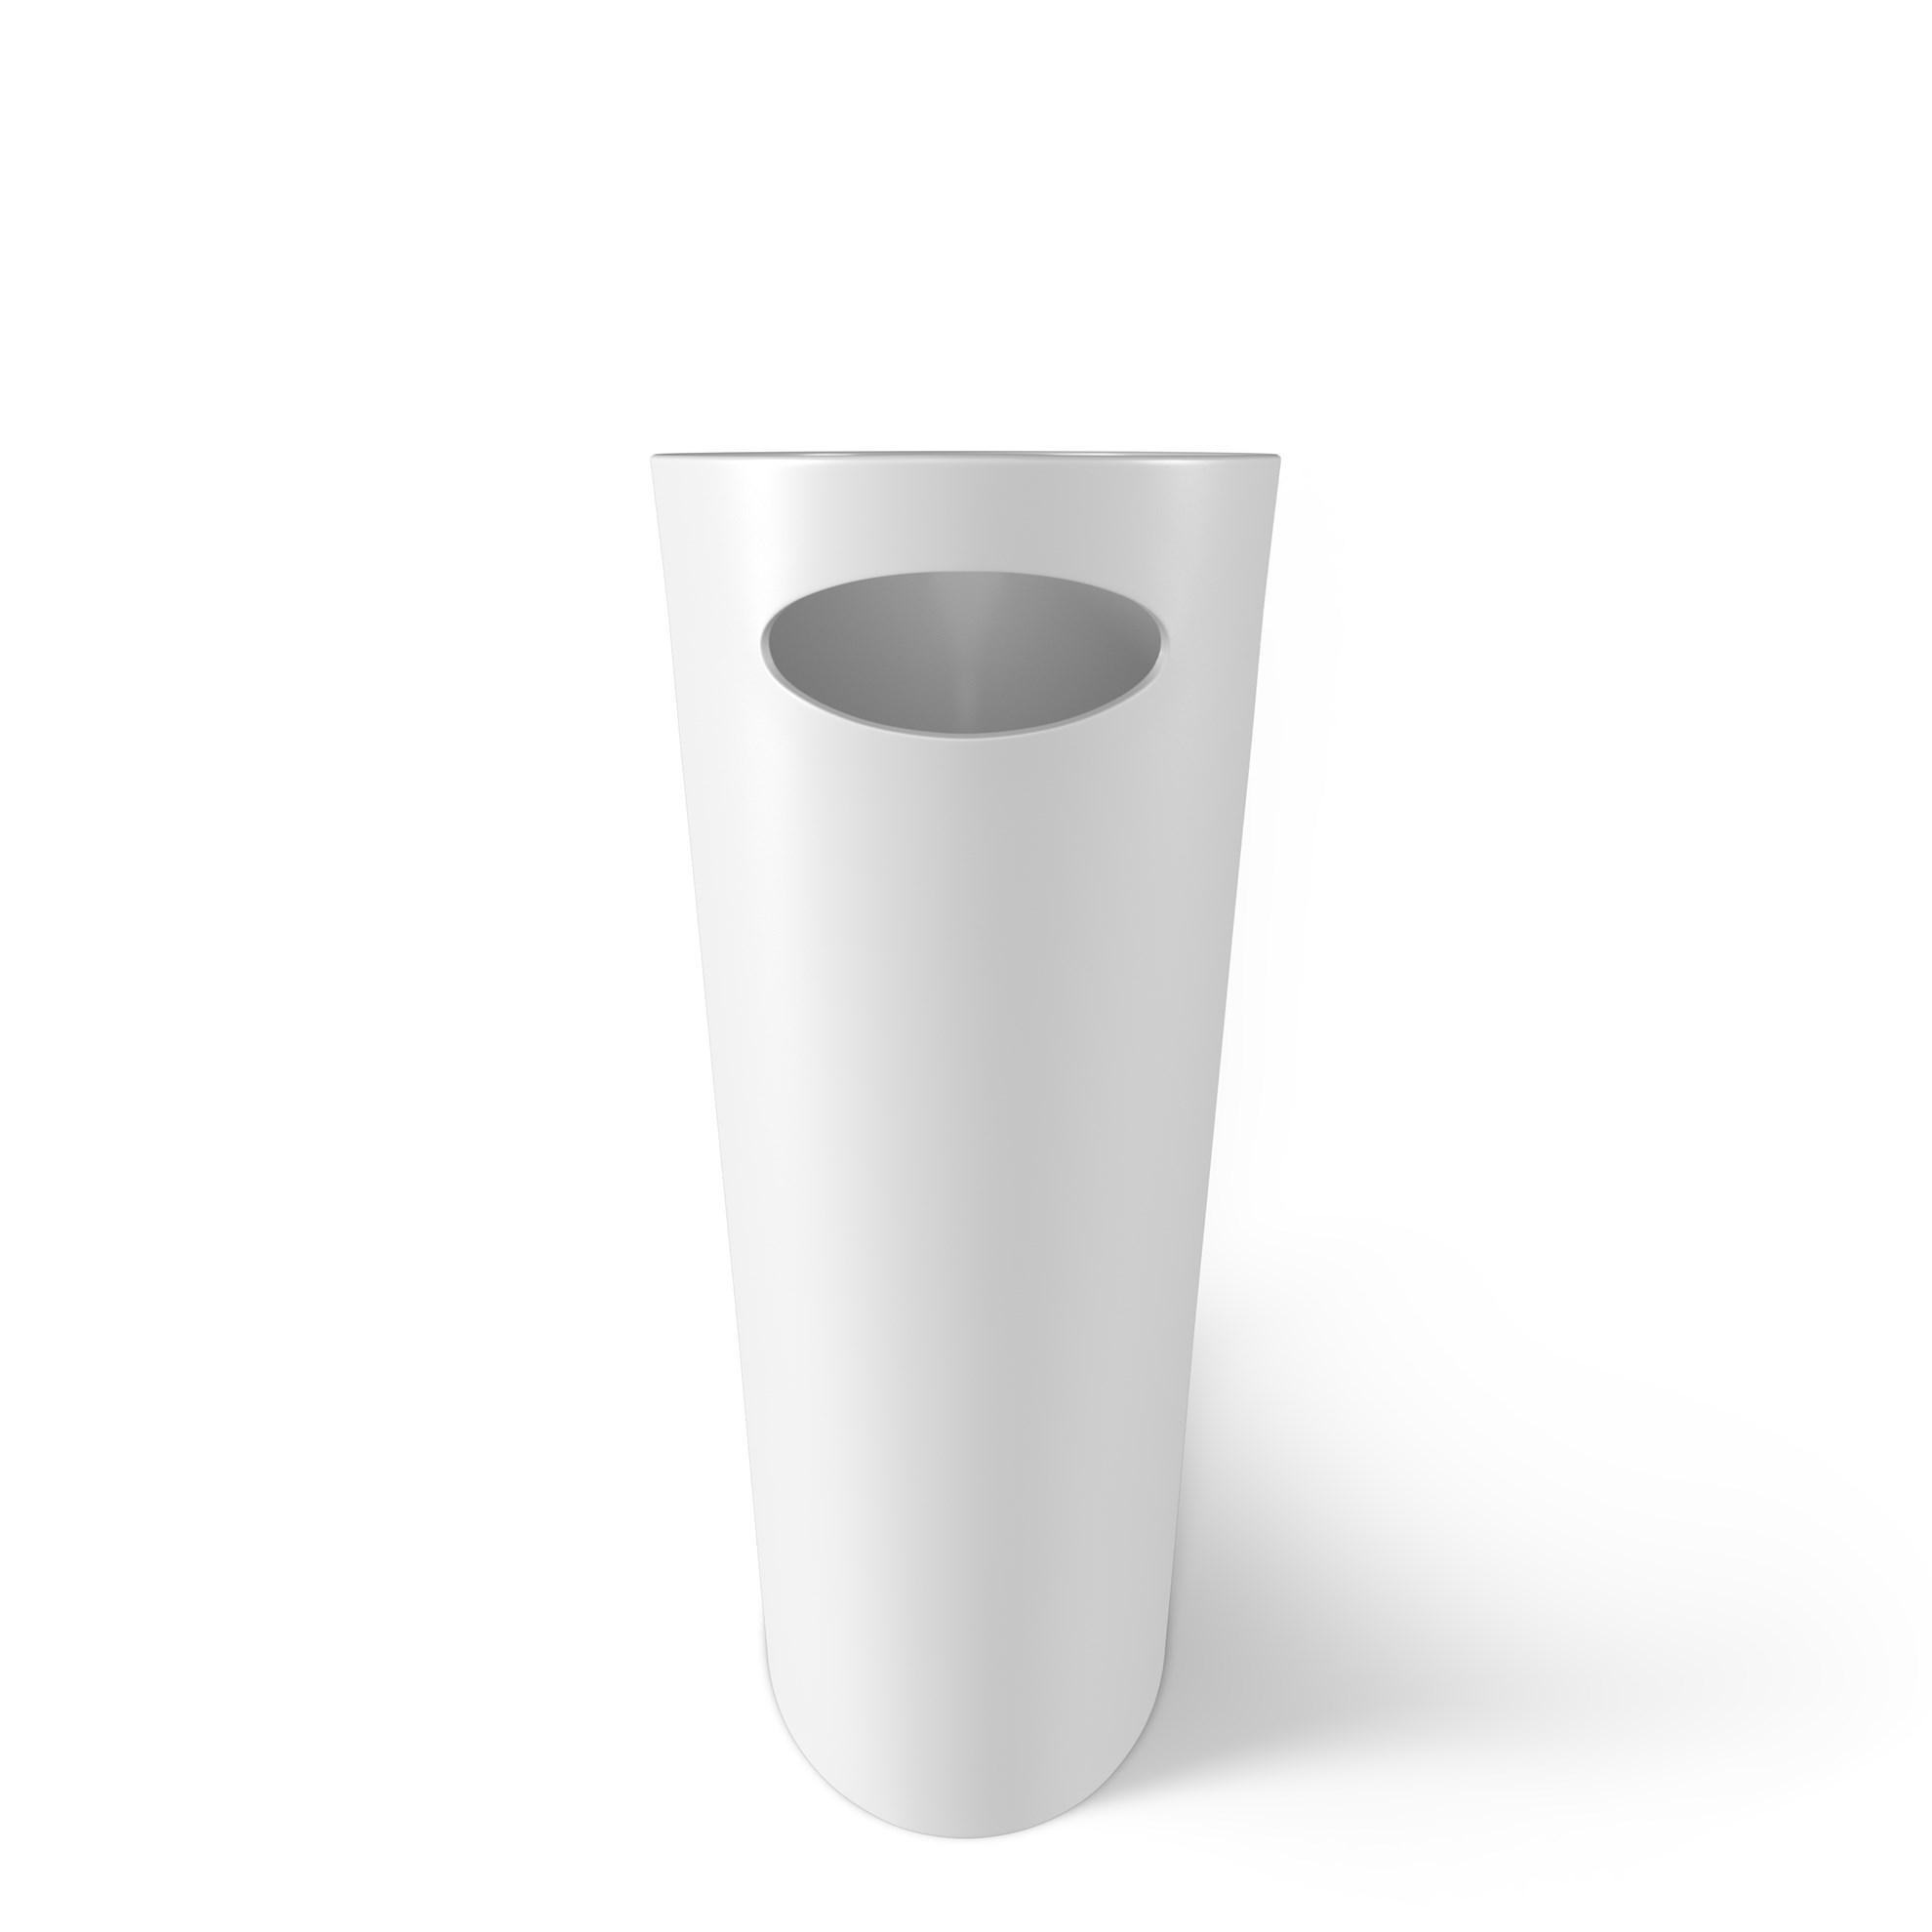 Odpadkový koš SKINNY 7,5 l bílý_1